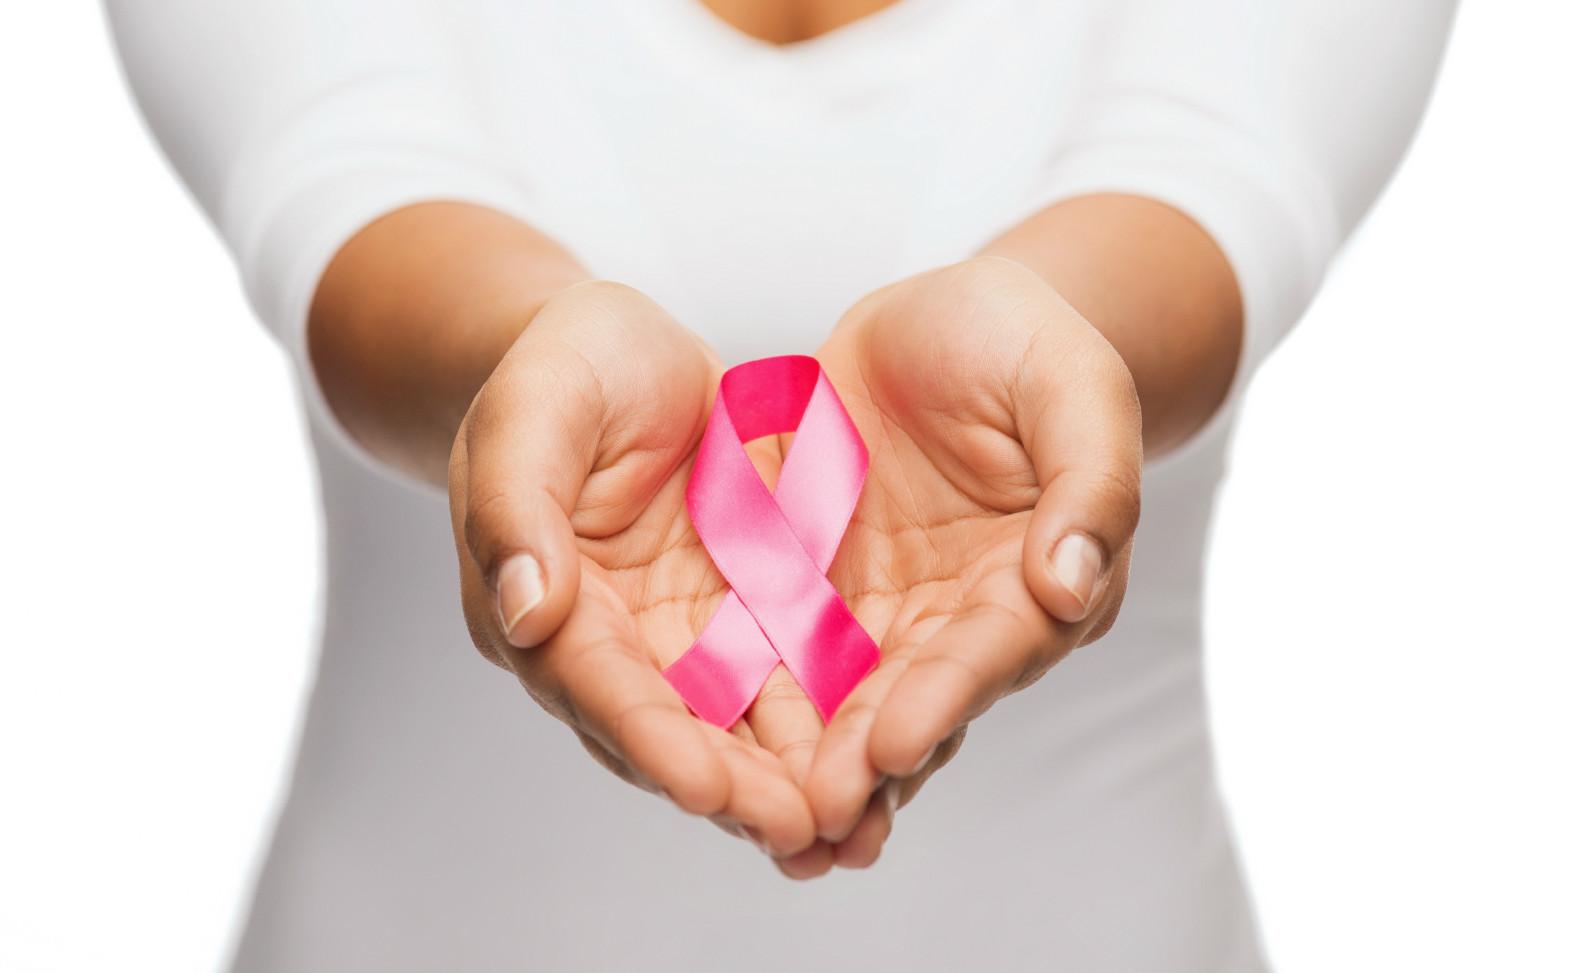 """""""Młode dziewczyny zazwyczaj nie myślą o raku. Uważają, że problem nowotworu piersi dotyczy kobiet po 50. roku życia."""""""